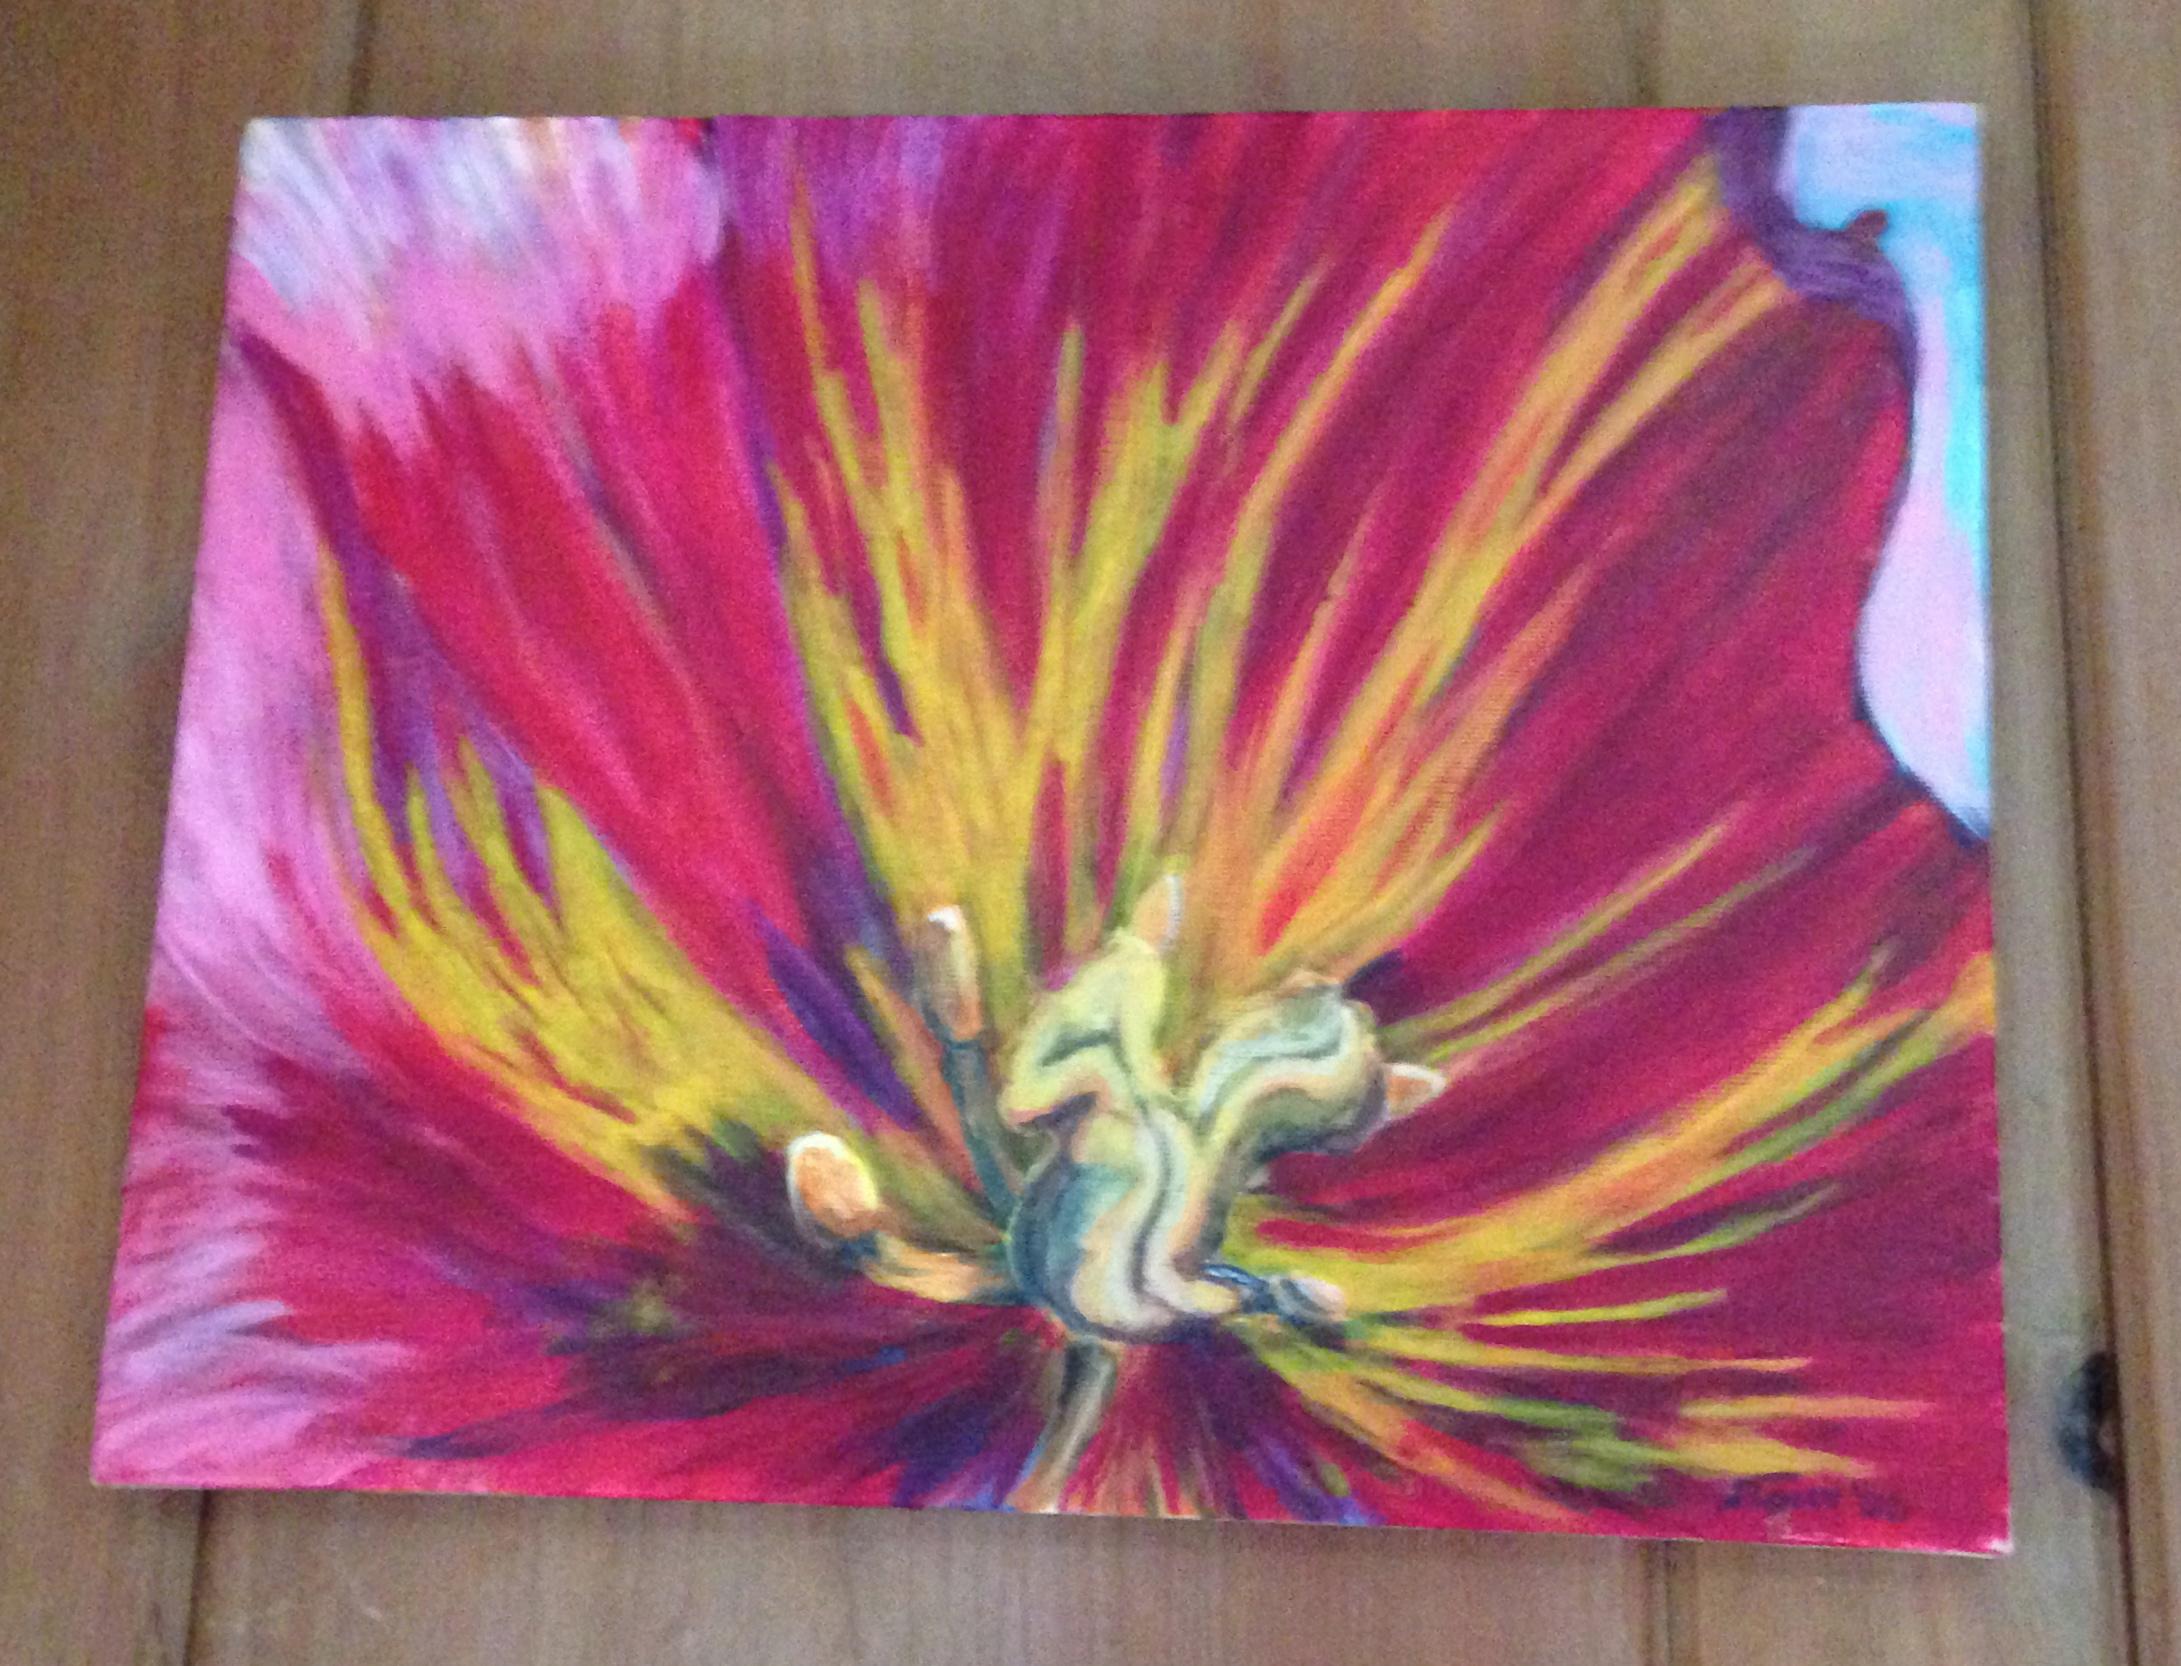 Poppy painted by my husband, J. Tony Smith